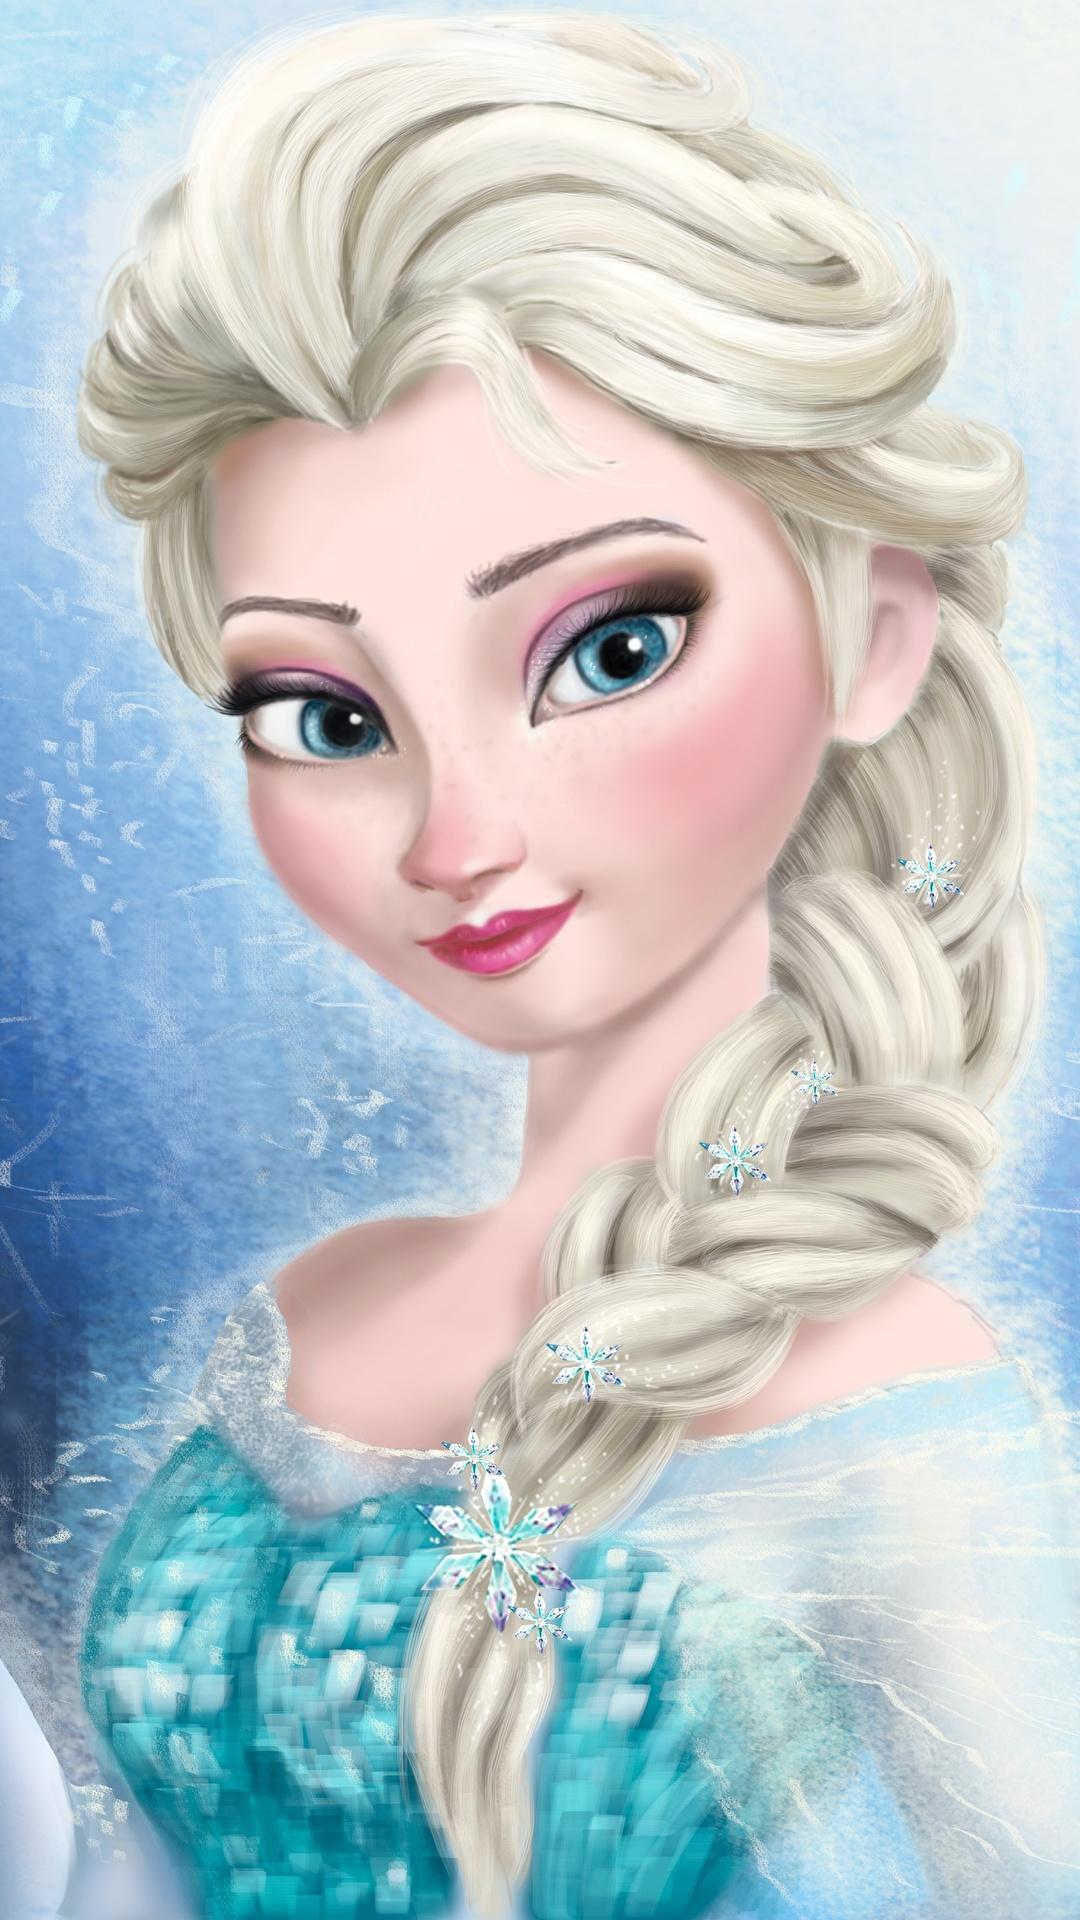 壁紙 1080x1920 アナと雪の女王 ディズニー Queen Elsa 三つ編み